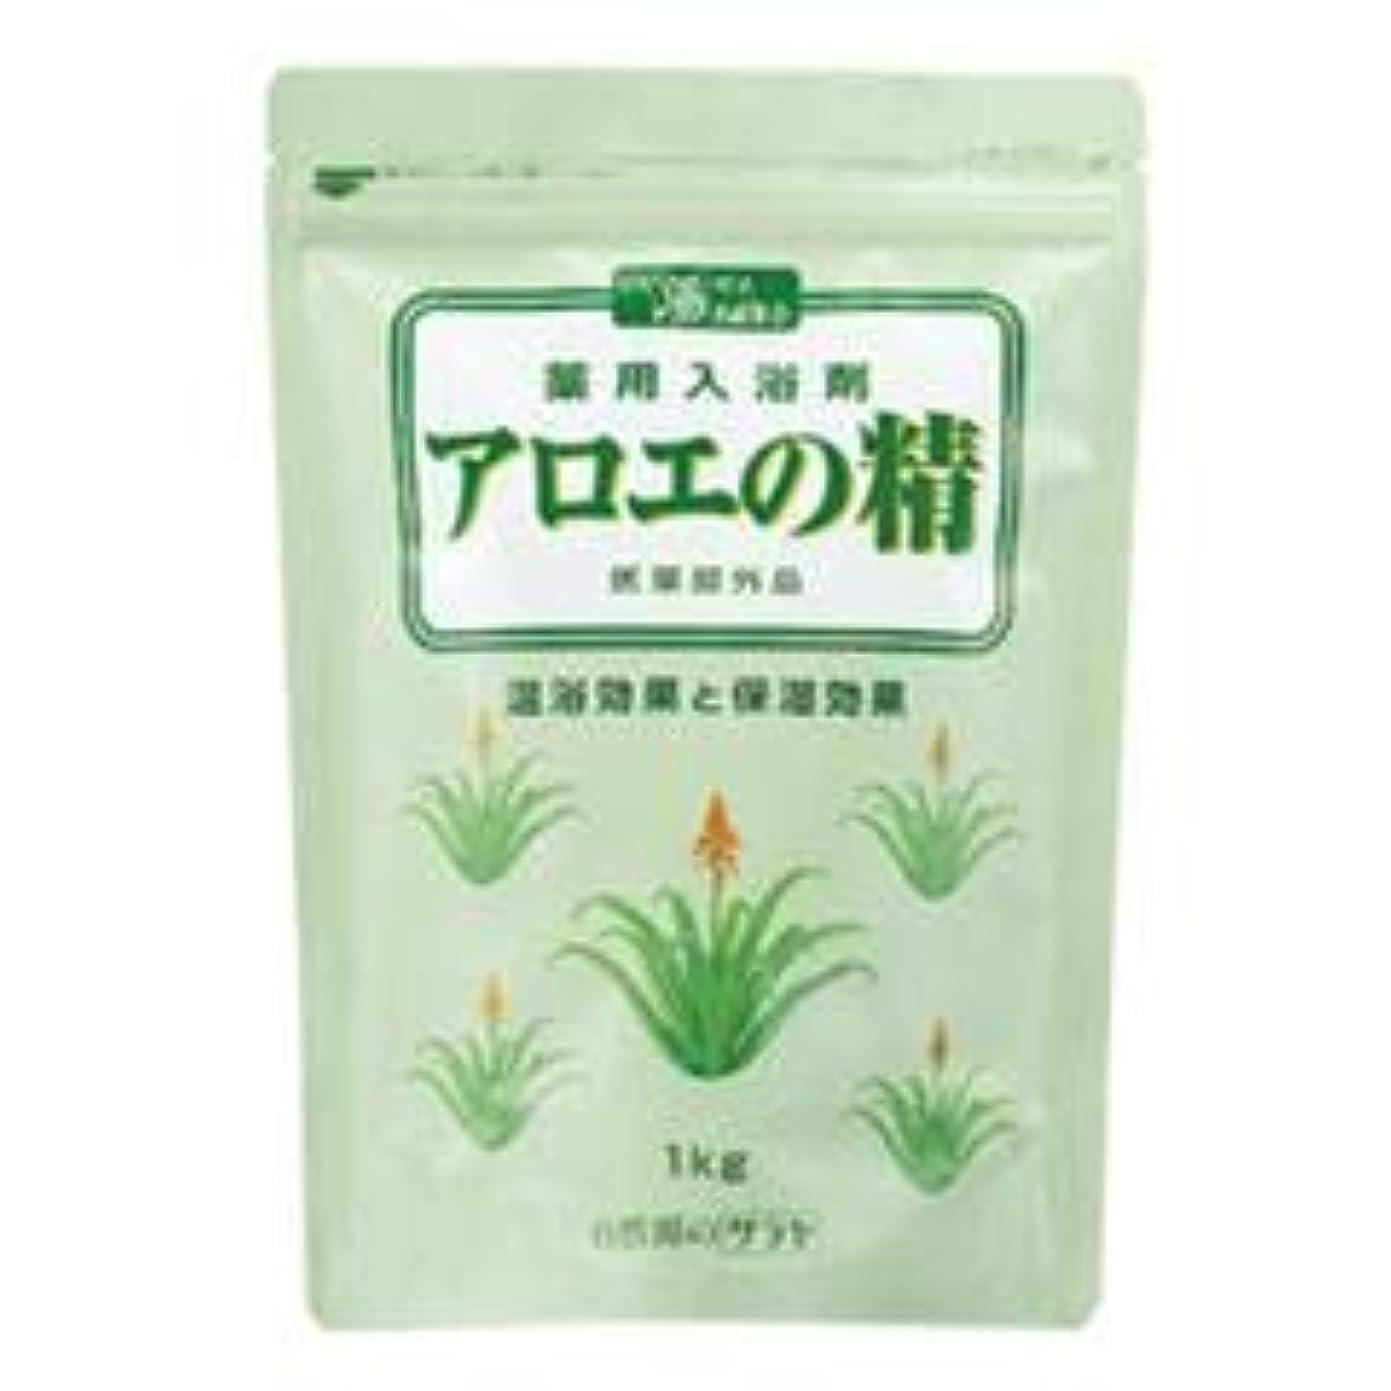 吐く移動するドリルサラヤ 薬用入浴剤 アロエの精 チャック付 1kg